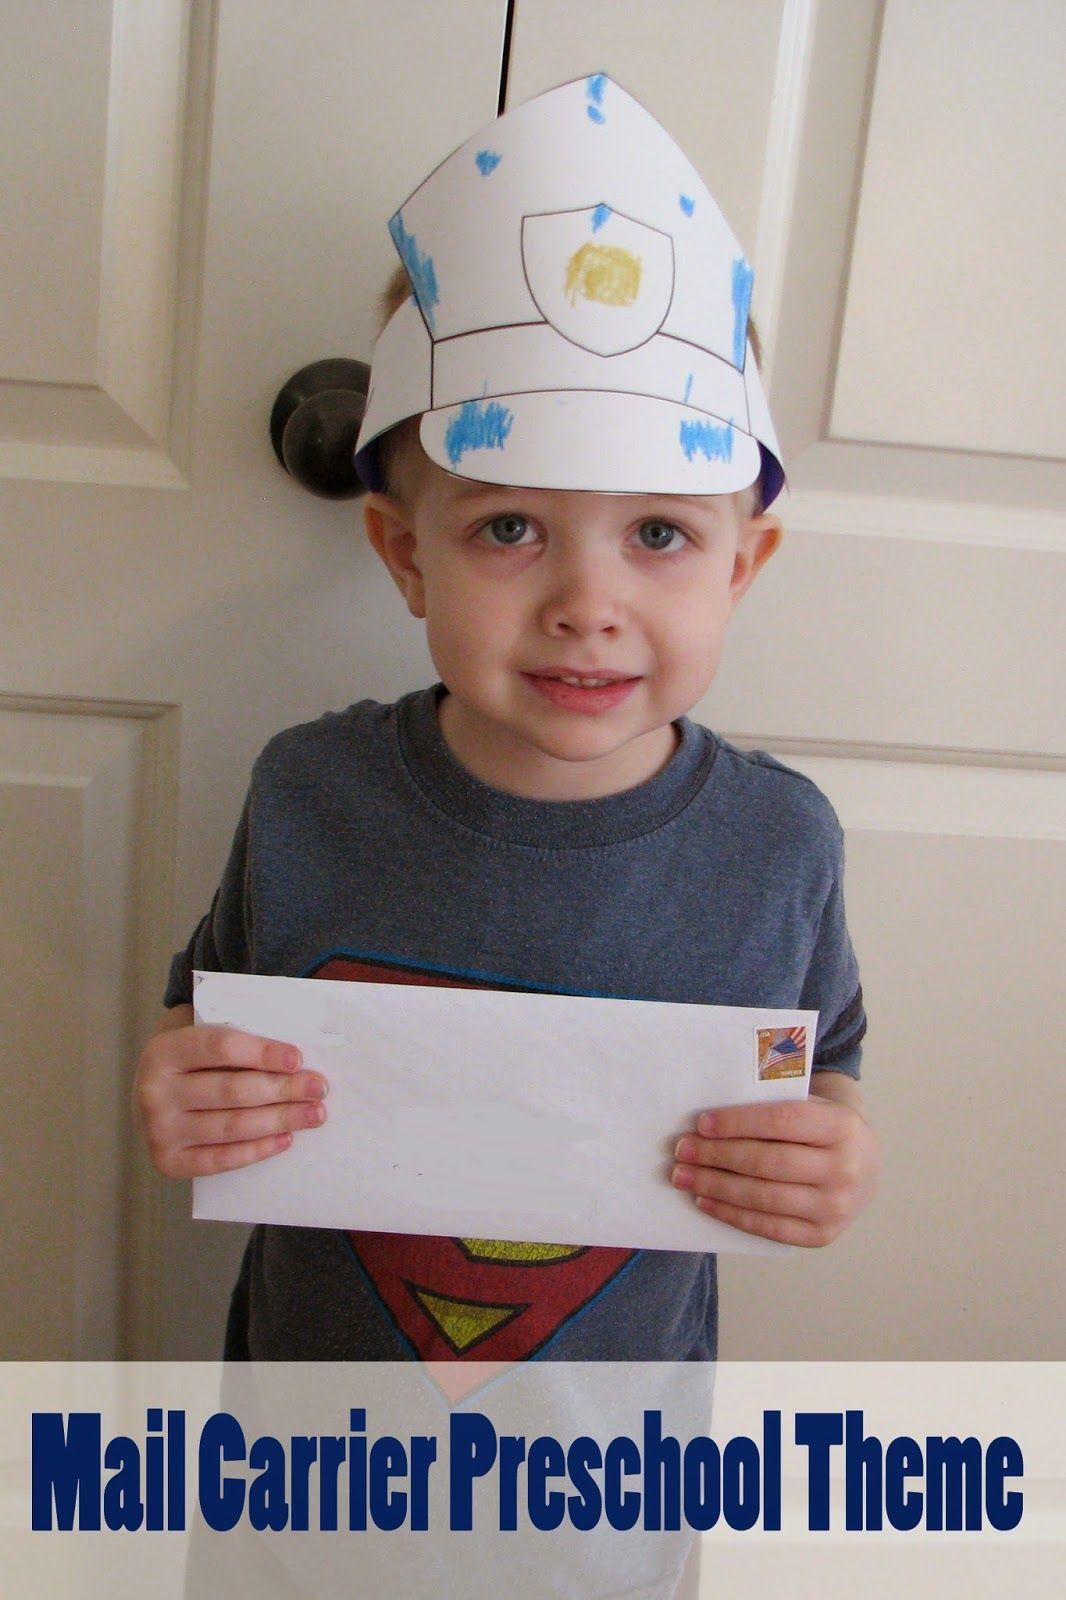 Mail Carrier Preschool Theme Mommy S Little Helper